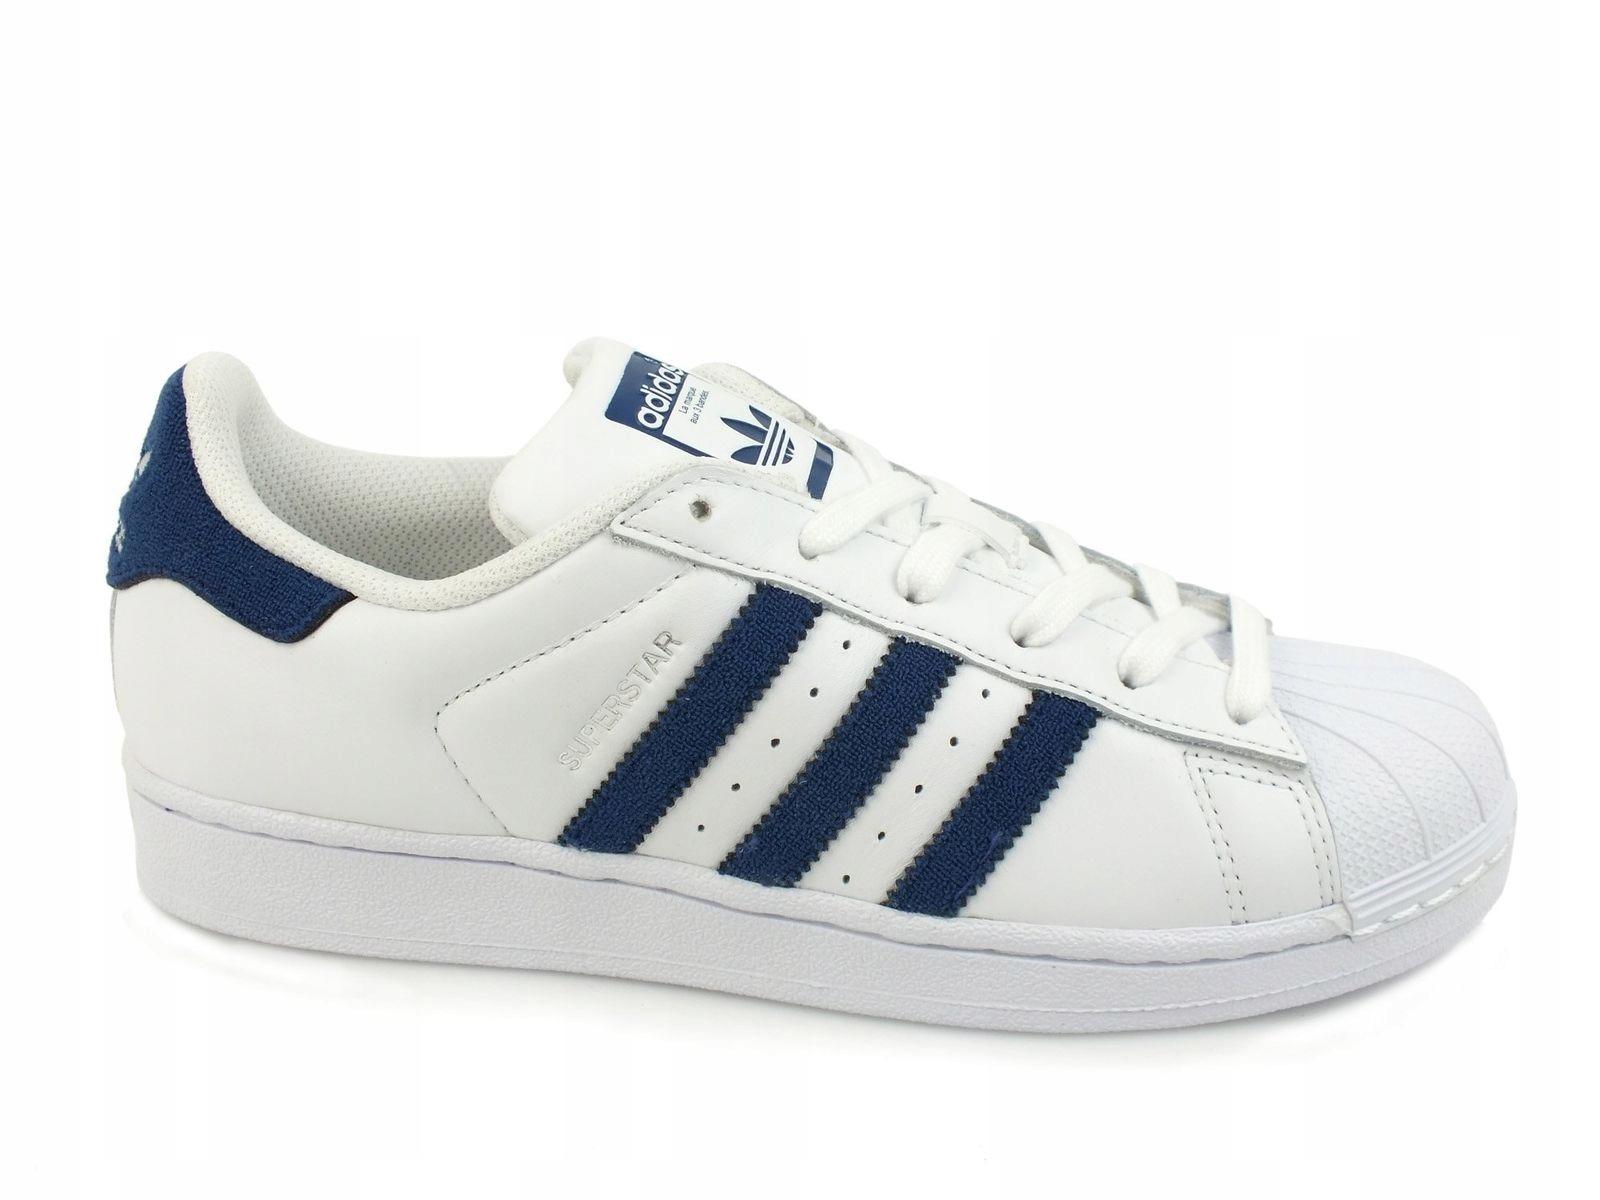 Buty Damskie Adidas SUPERSTAR BZ0190 Białe r. 40